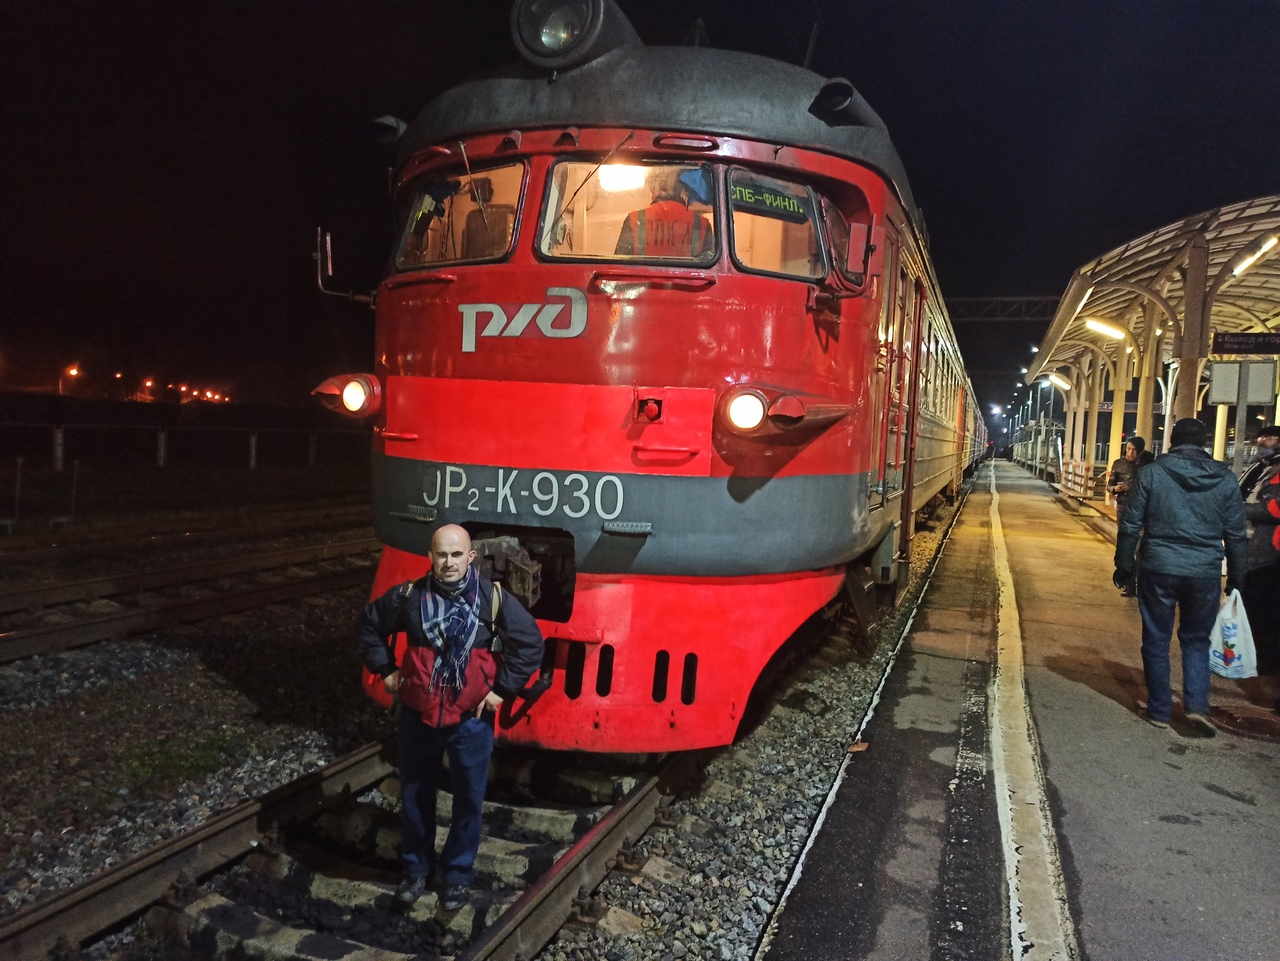 Прощай, теплоэлектричка! Последний рейс рижской электрички с тепловозом на Приморской ветке.